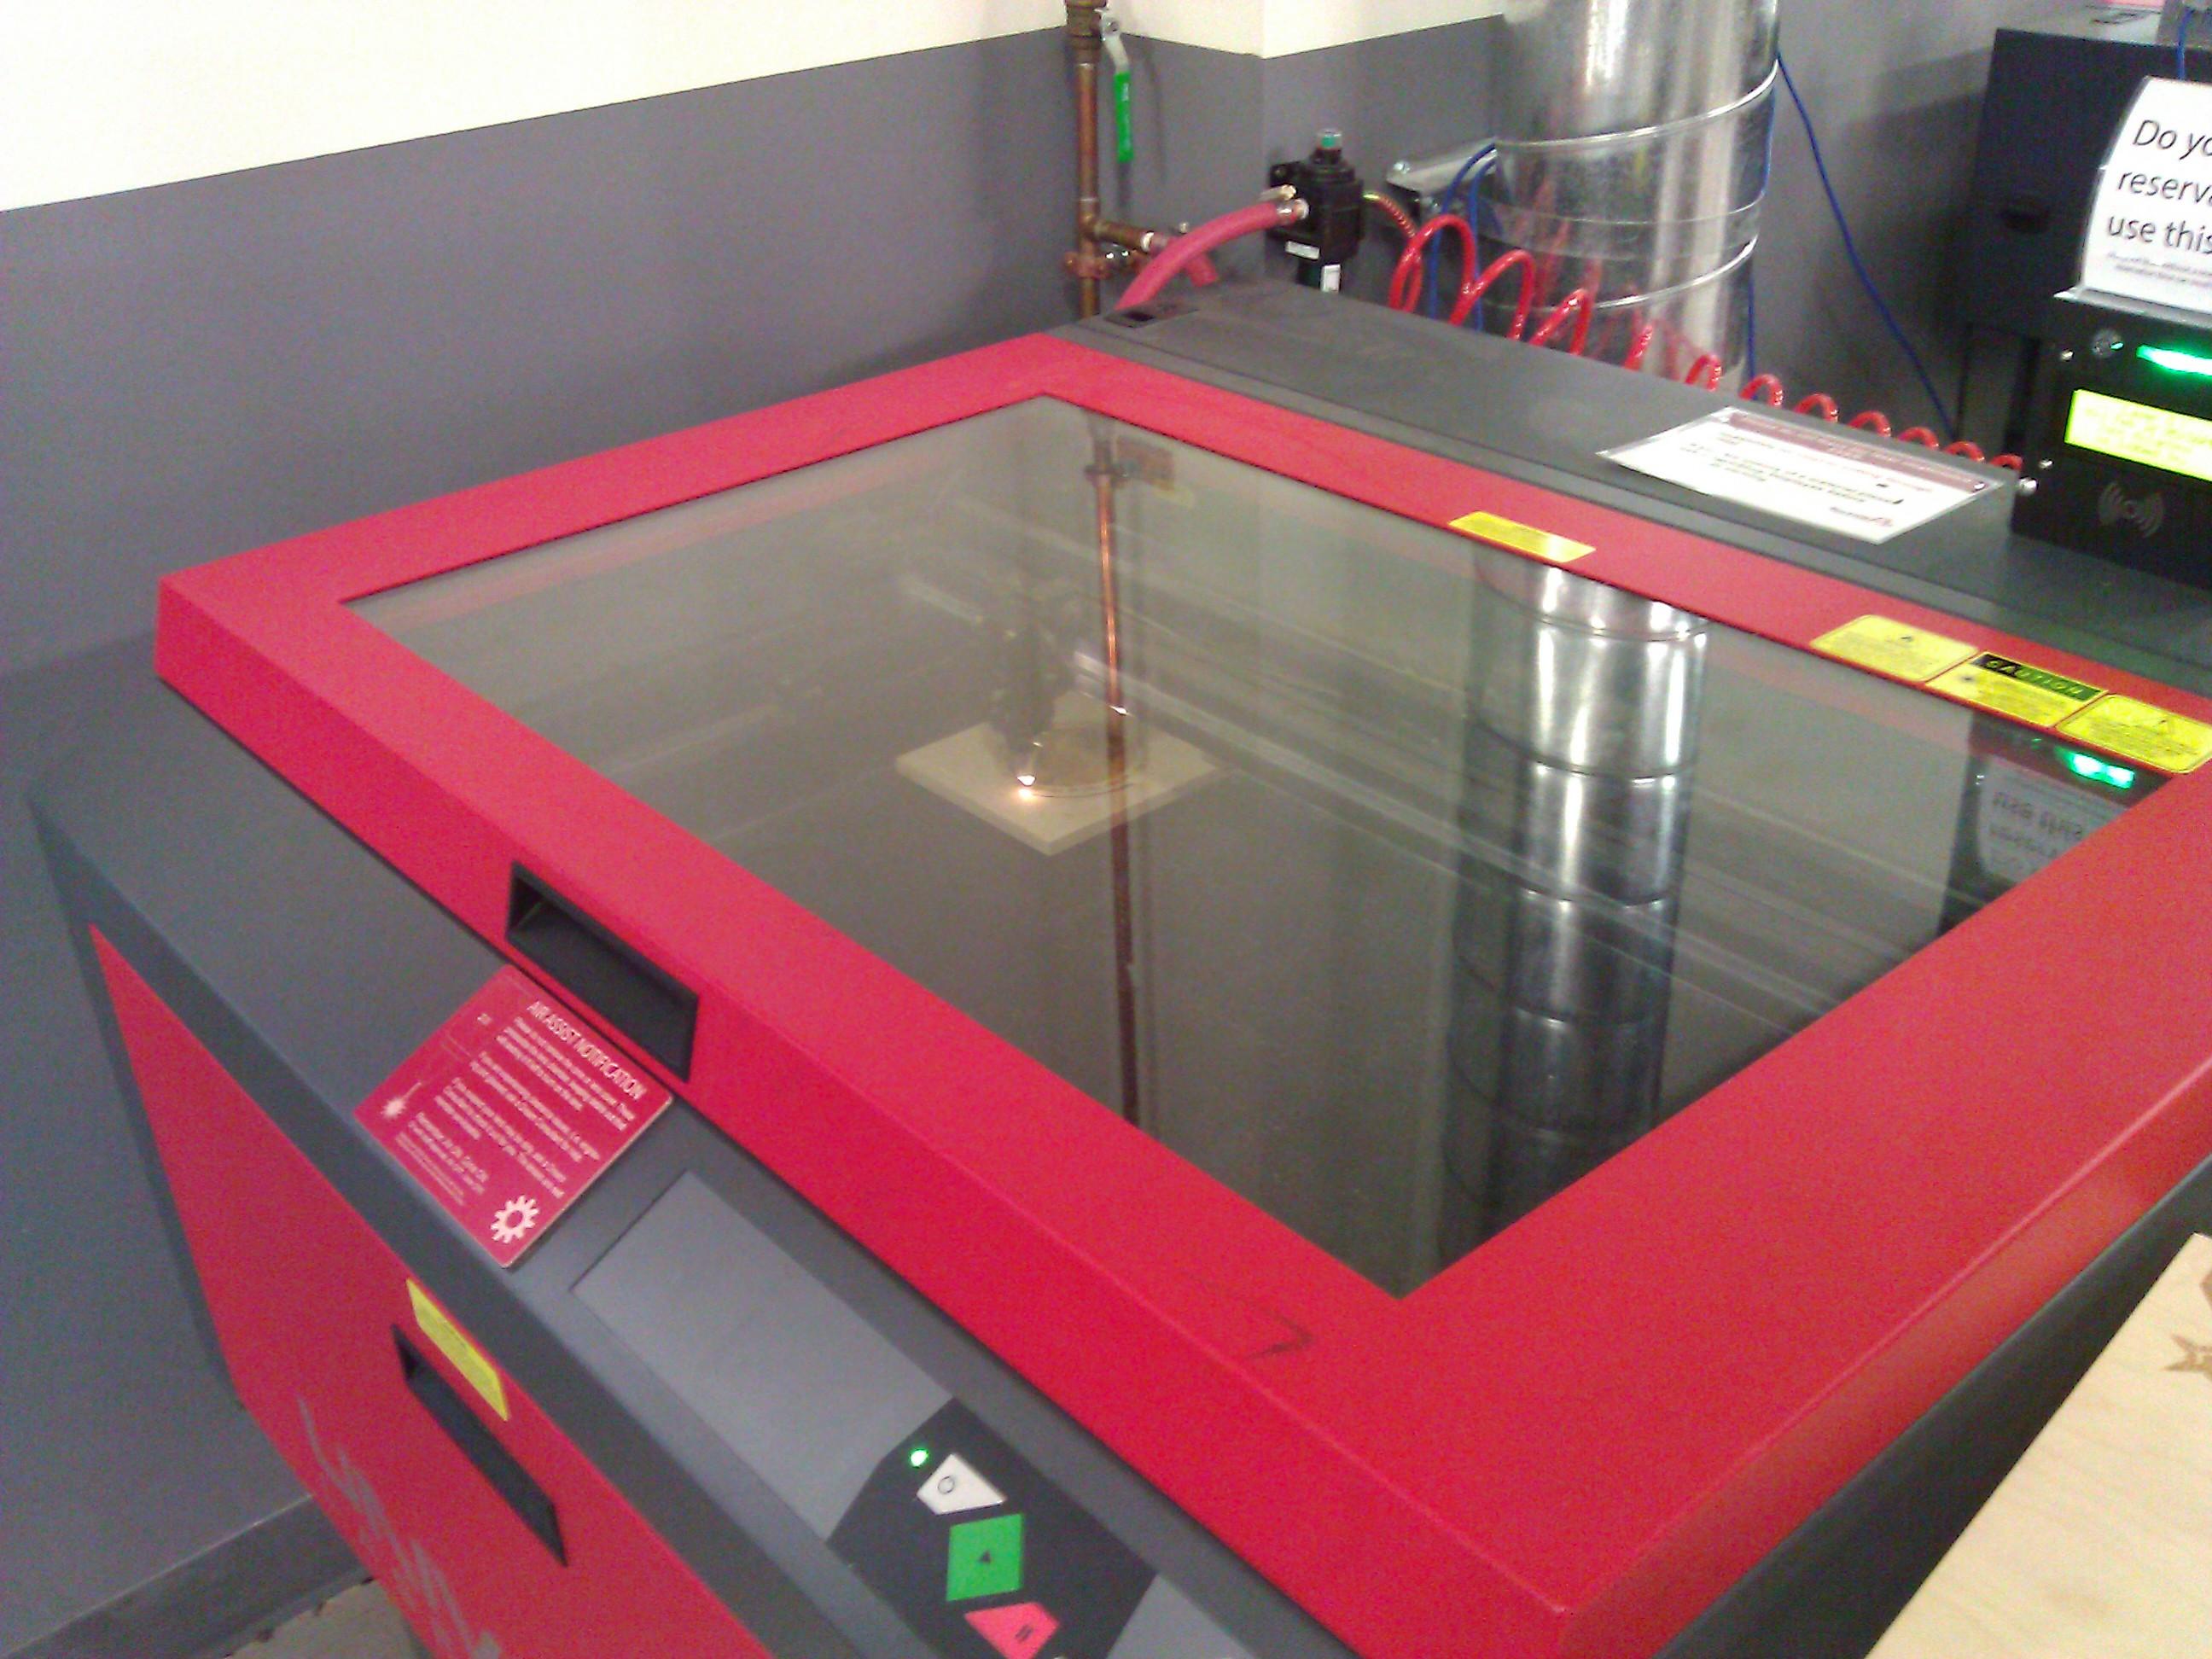 2. Laser Work